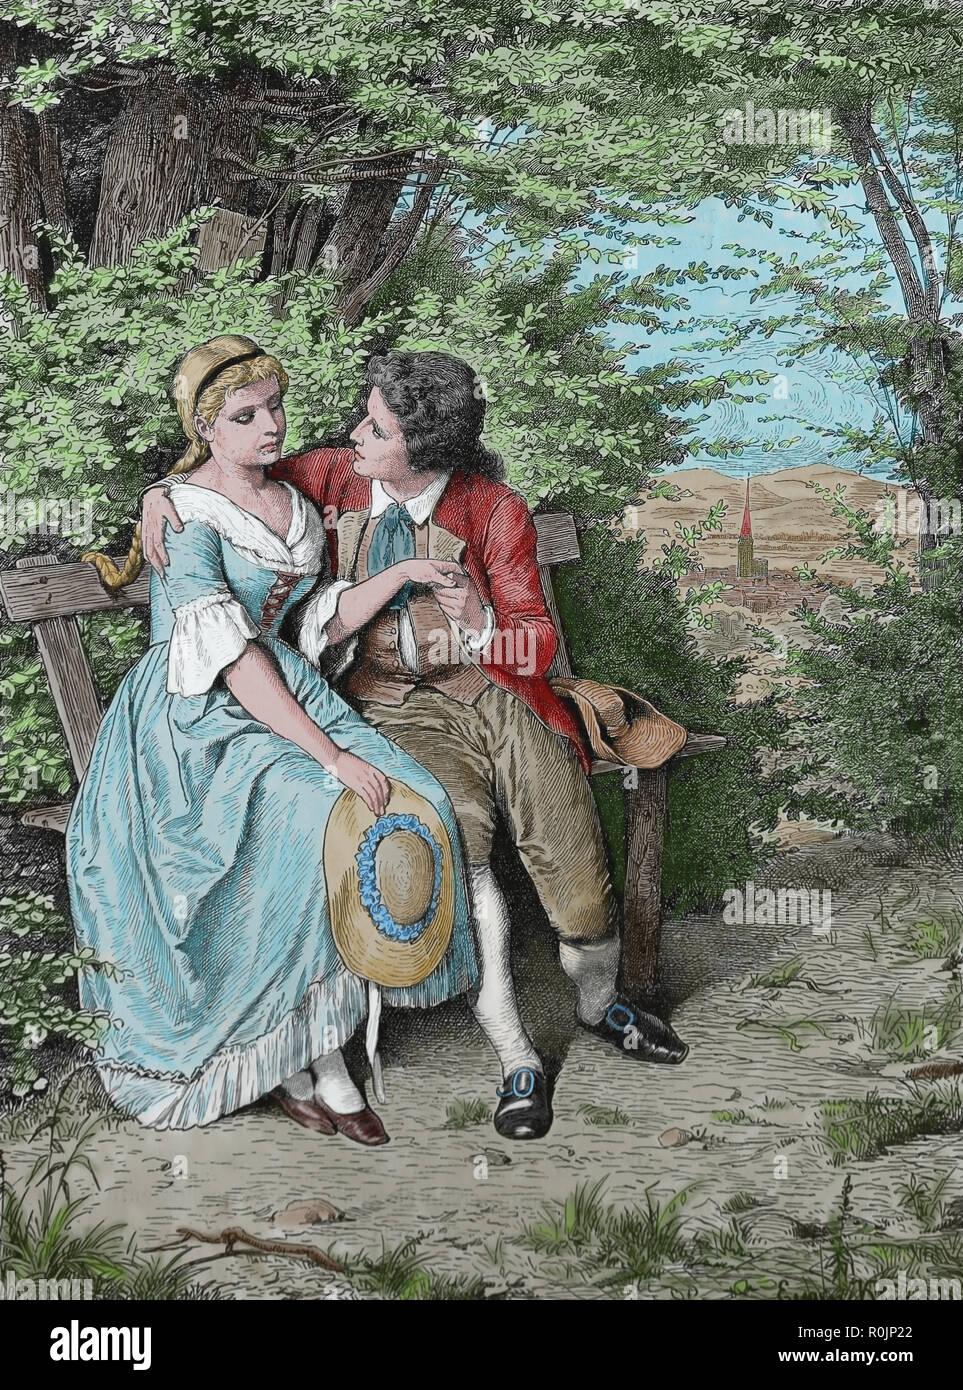 Deutsche Schriftsteller Johann Wolfgang von Goethe (1749-1832) Friederike Brion (1752-1813). Engravin der Germania, 1882. Stockbild